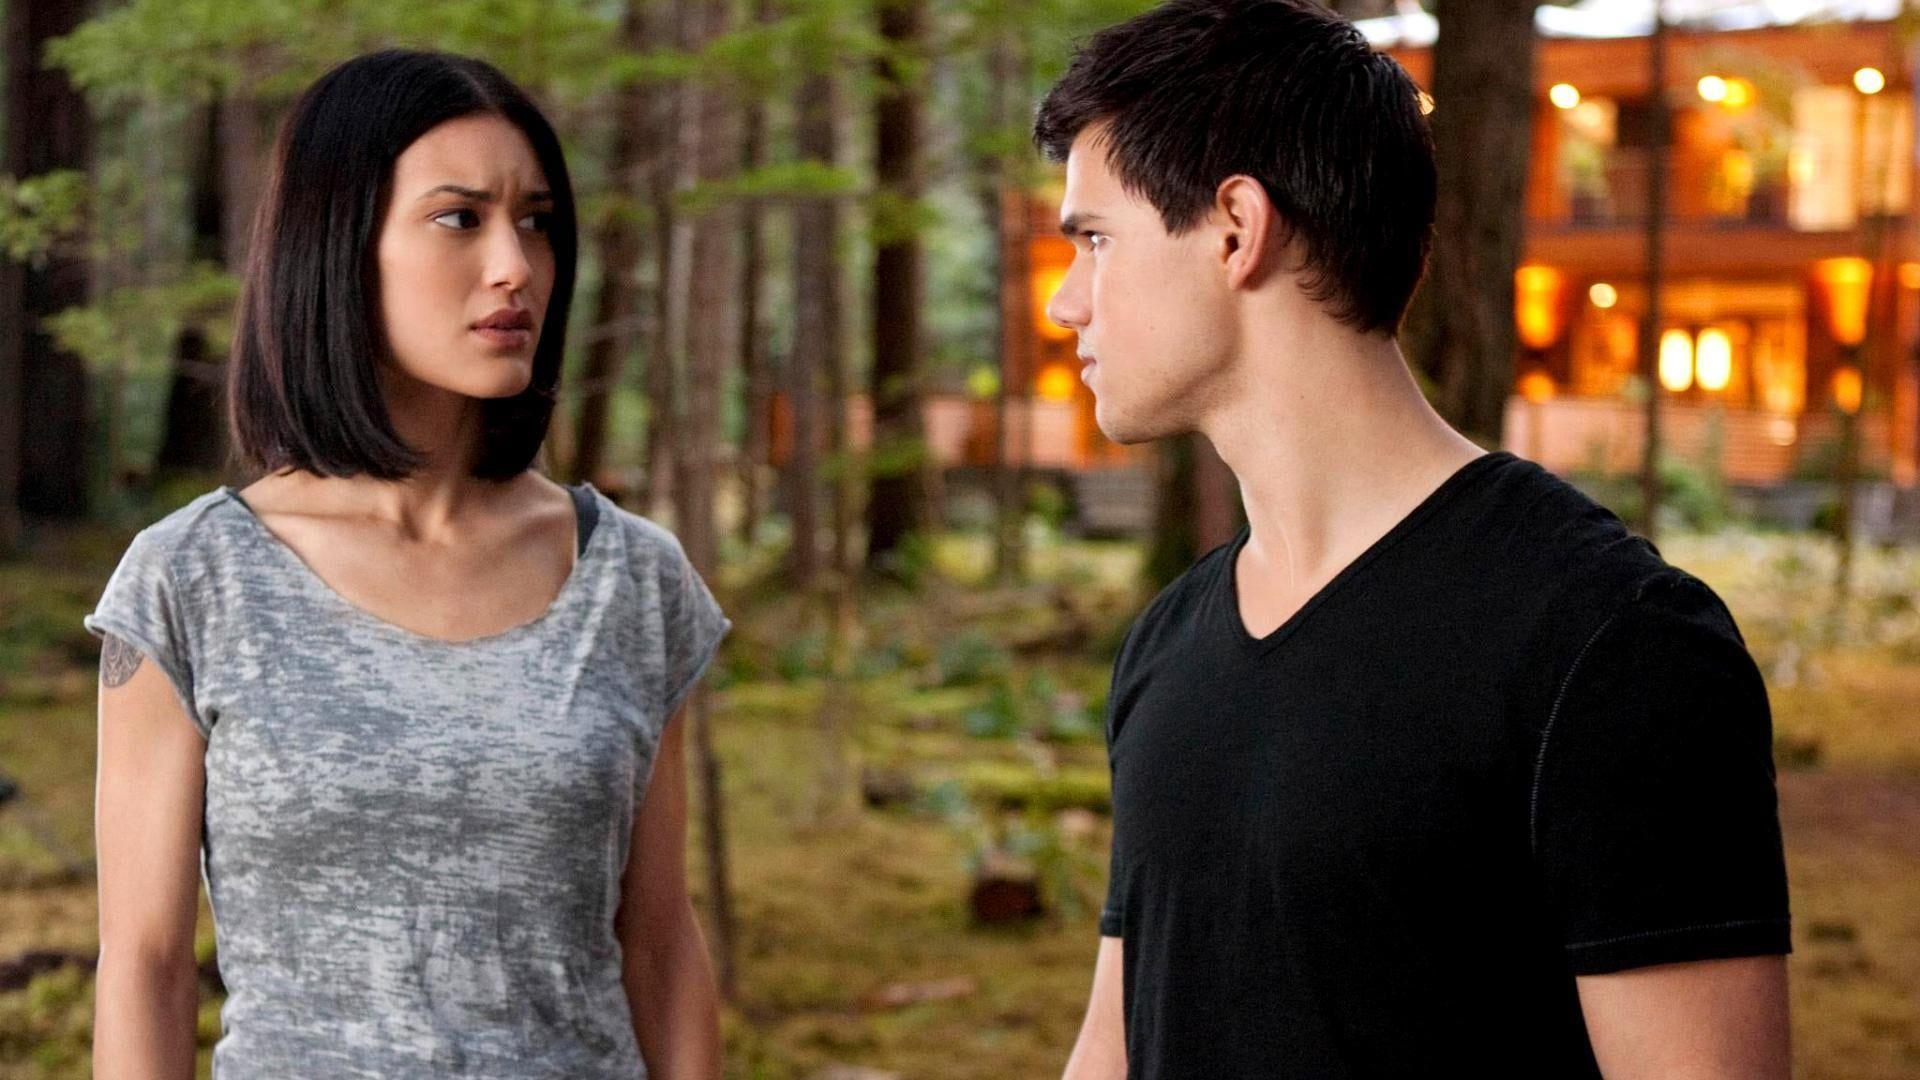 Alkonyat Hajnalhasadas 1 Resz 2011 Teljes Film Magyarul Online Hd Hu Mozi Alkonyat Hajnalhasadas 1 Resz 201 Twilight Saga Breaking Dawn Edward Cullen